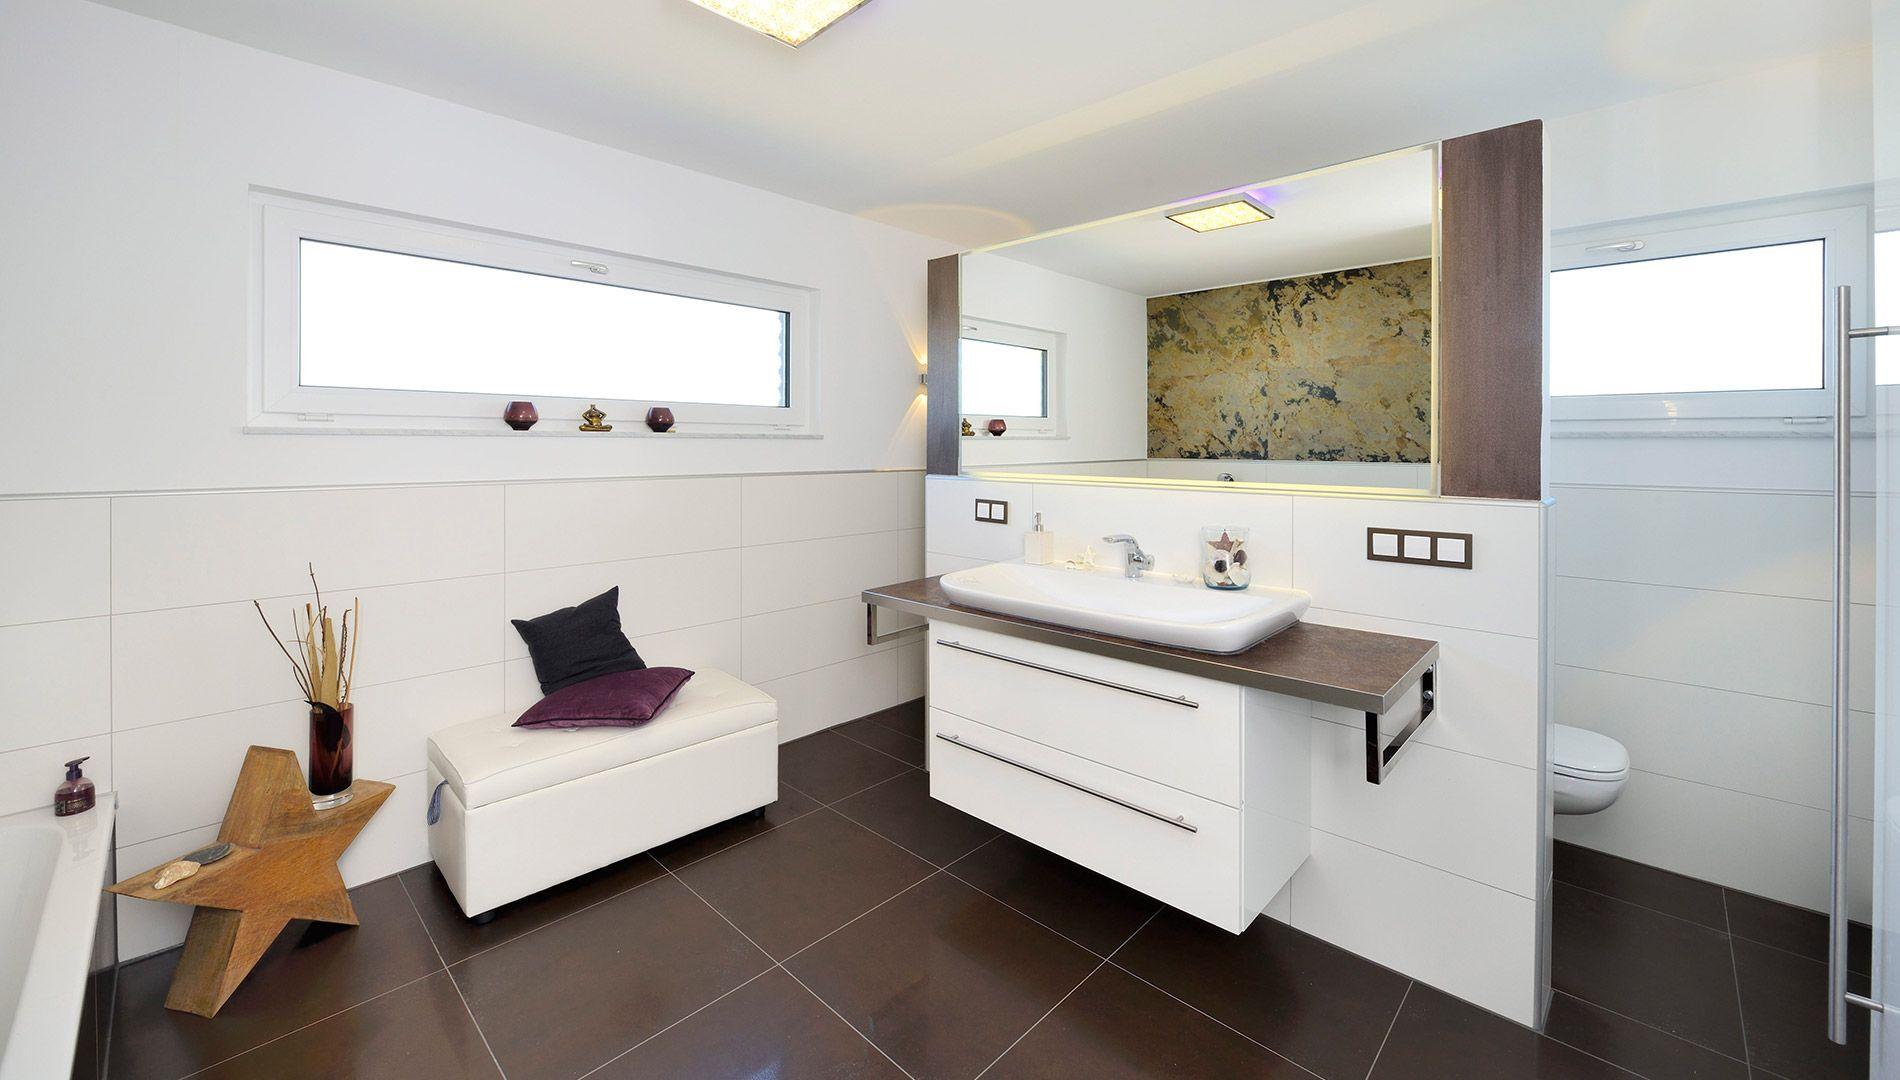 Badezimmer - Badewanne - ebenerdige Dusche - Stern ...